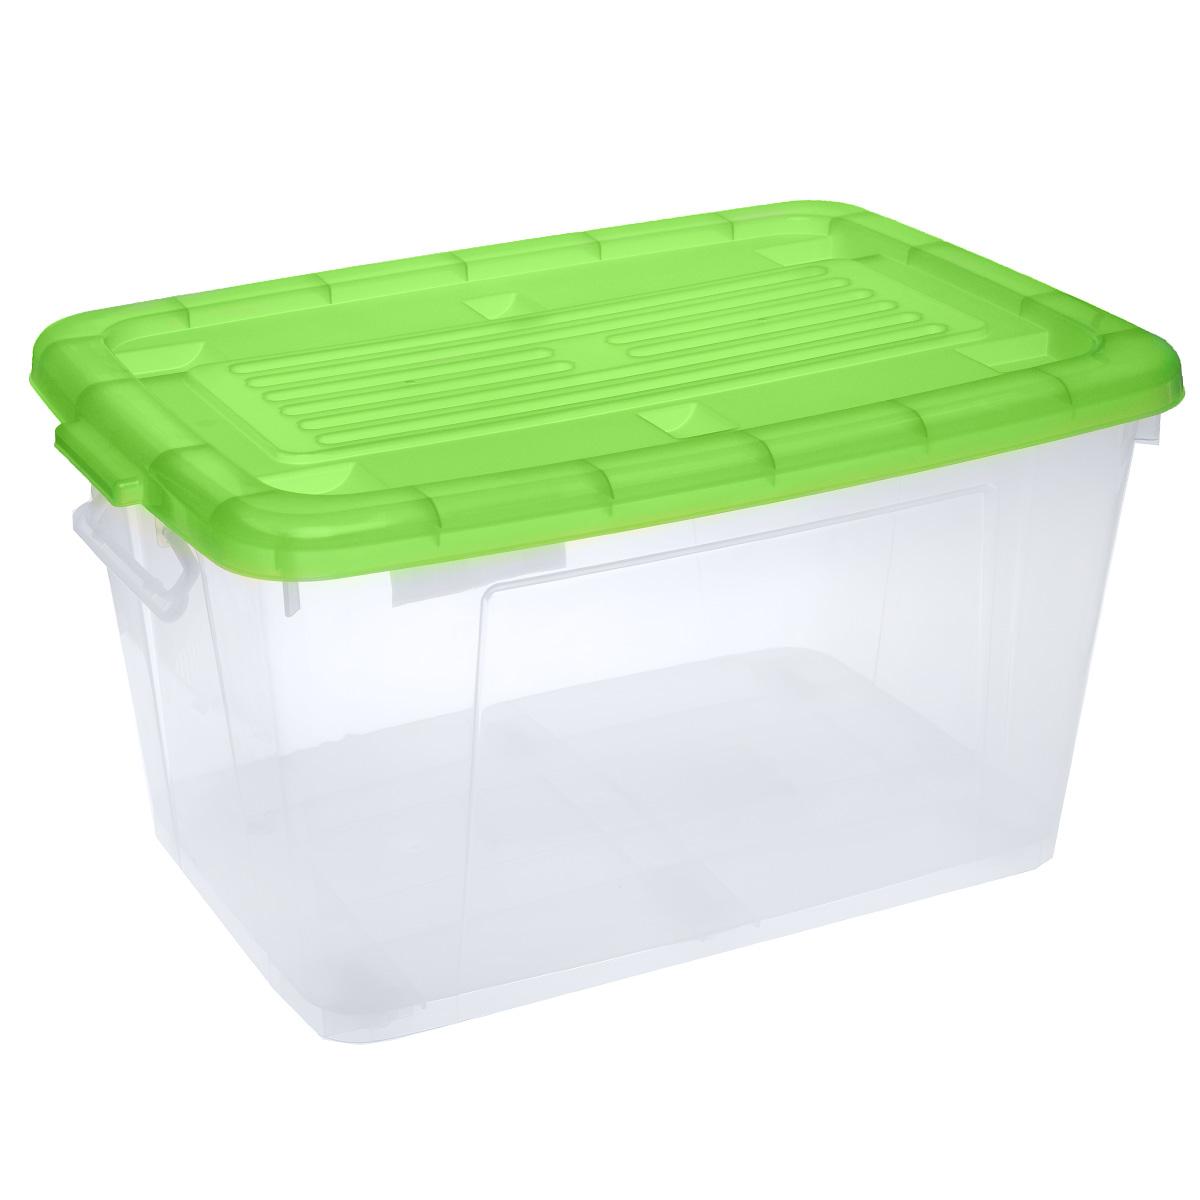 Ящик Darel Box, с крышкой, цвет: прозрачный, зеленый, 75 л10503Ящик Darel Box, изготовленный из прозрачного пластика, оснащен ручками и плотно закрывающейся крышкой. Изделие предназначено для хранения различных бытовых вещей. Идеально подойдет для хранения белья, продуктов, игрушек. Будет незаменим на даче, в гараже или кладовой. Выдерживает температурные перепады от -25°С до +95°С. Изделие имеет четыре маленьких колесика, обеспечивающих удобство перемещения ящика. Размер ящика: 68 см х 47 см х 37 см.